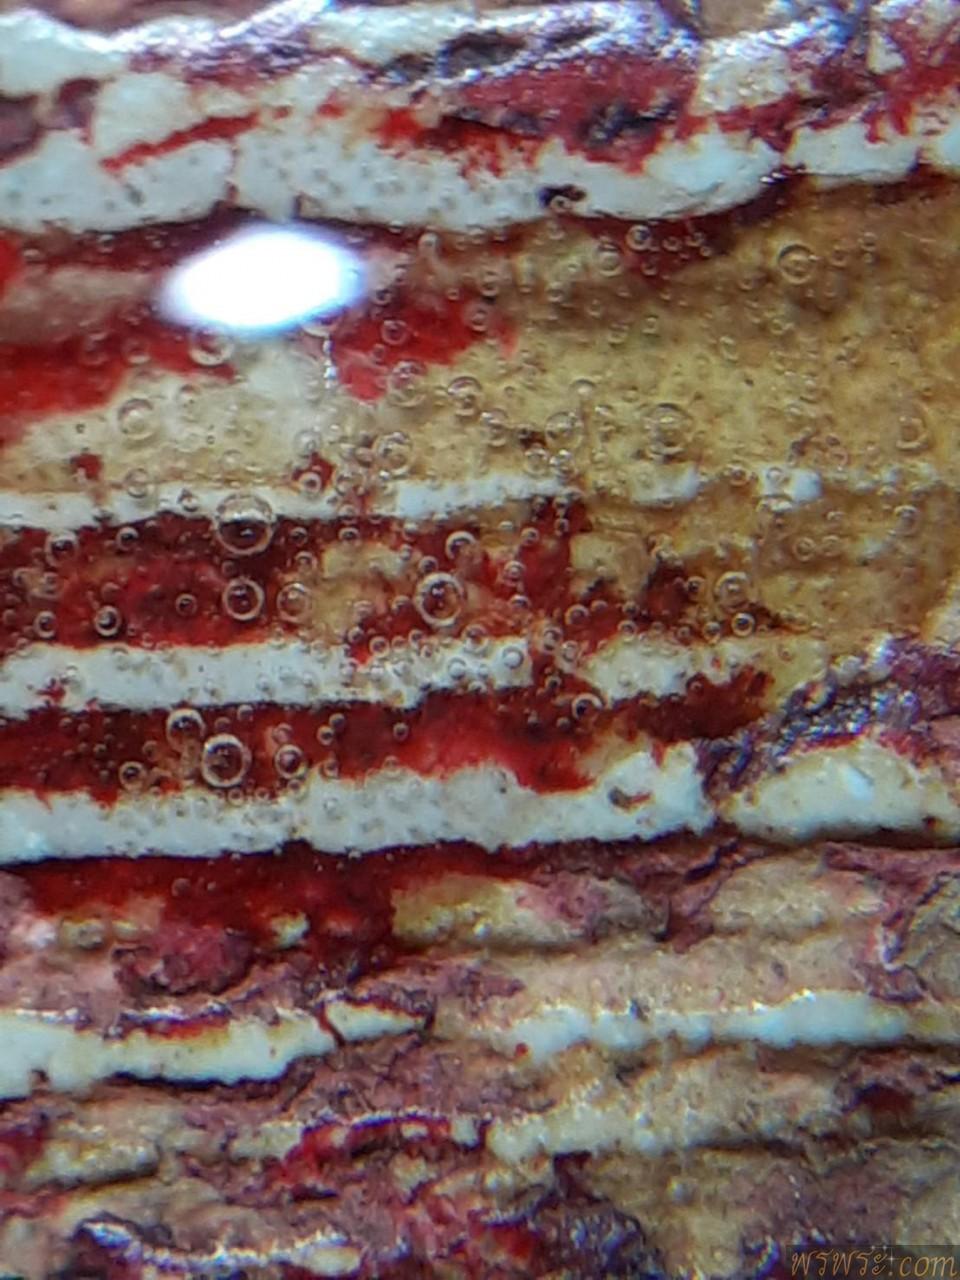 พระสมเด็จ เกศทลุซุ้ม ลงรักชาติแดงเก่าๆ หยดน้ำยาหาอายุพระโดยประมาณ/ส่ง จ.ชัยภูมิ